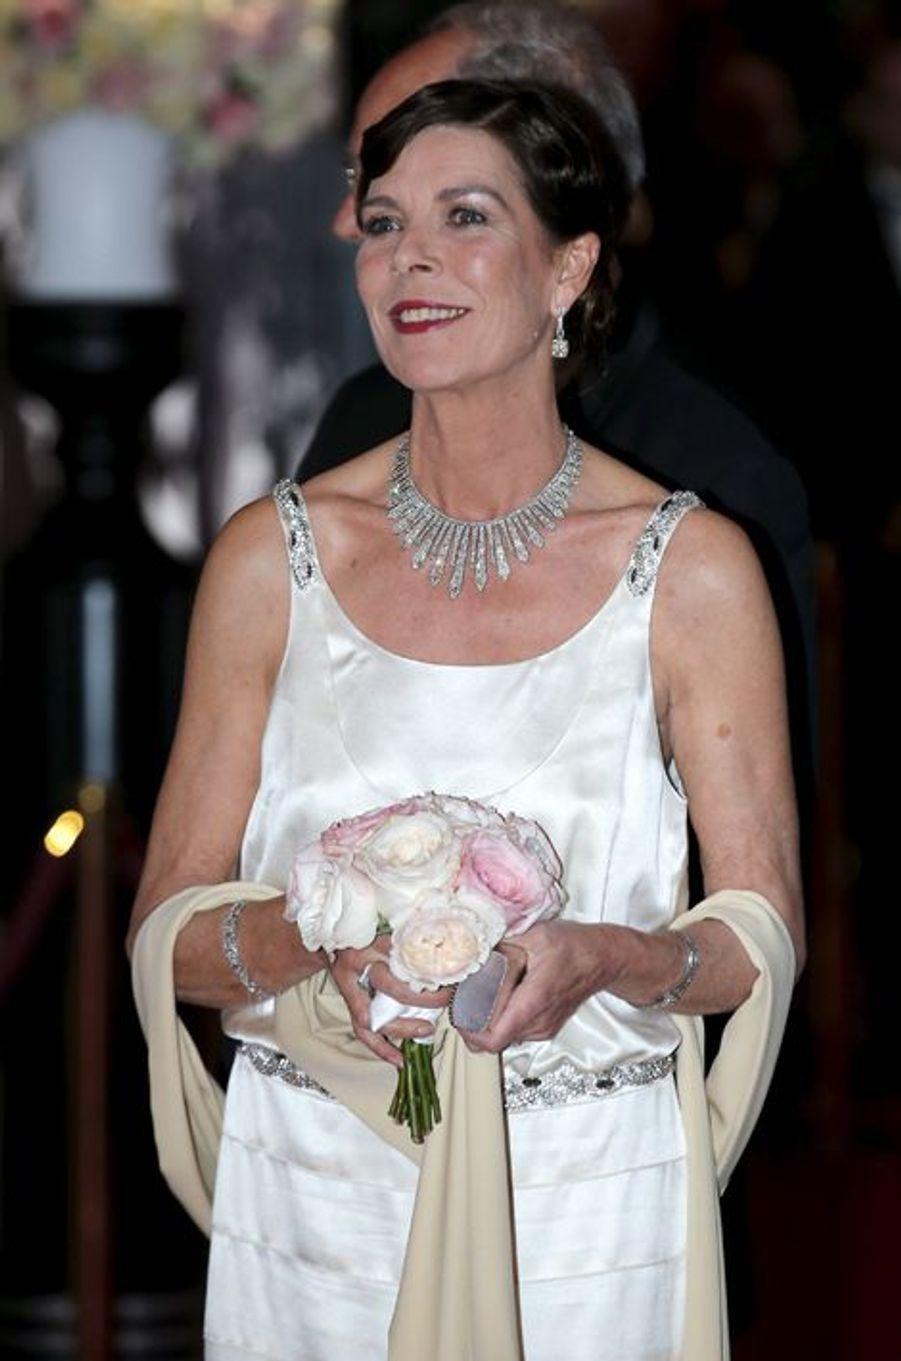 La princesse Caroline de Monaco au bal de la Rose à Monaco, le 28 mars 2015